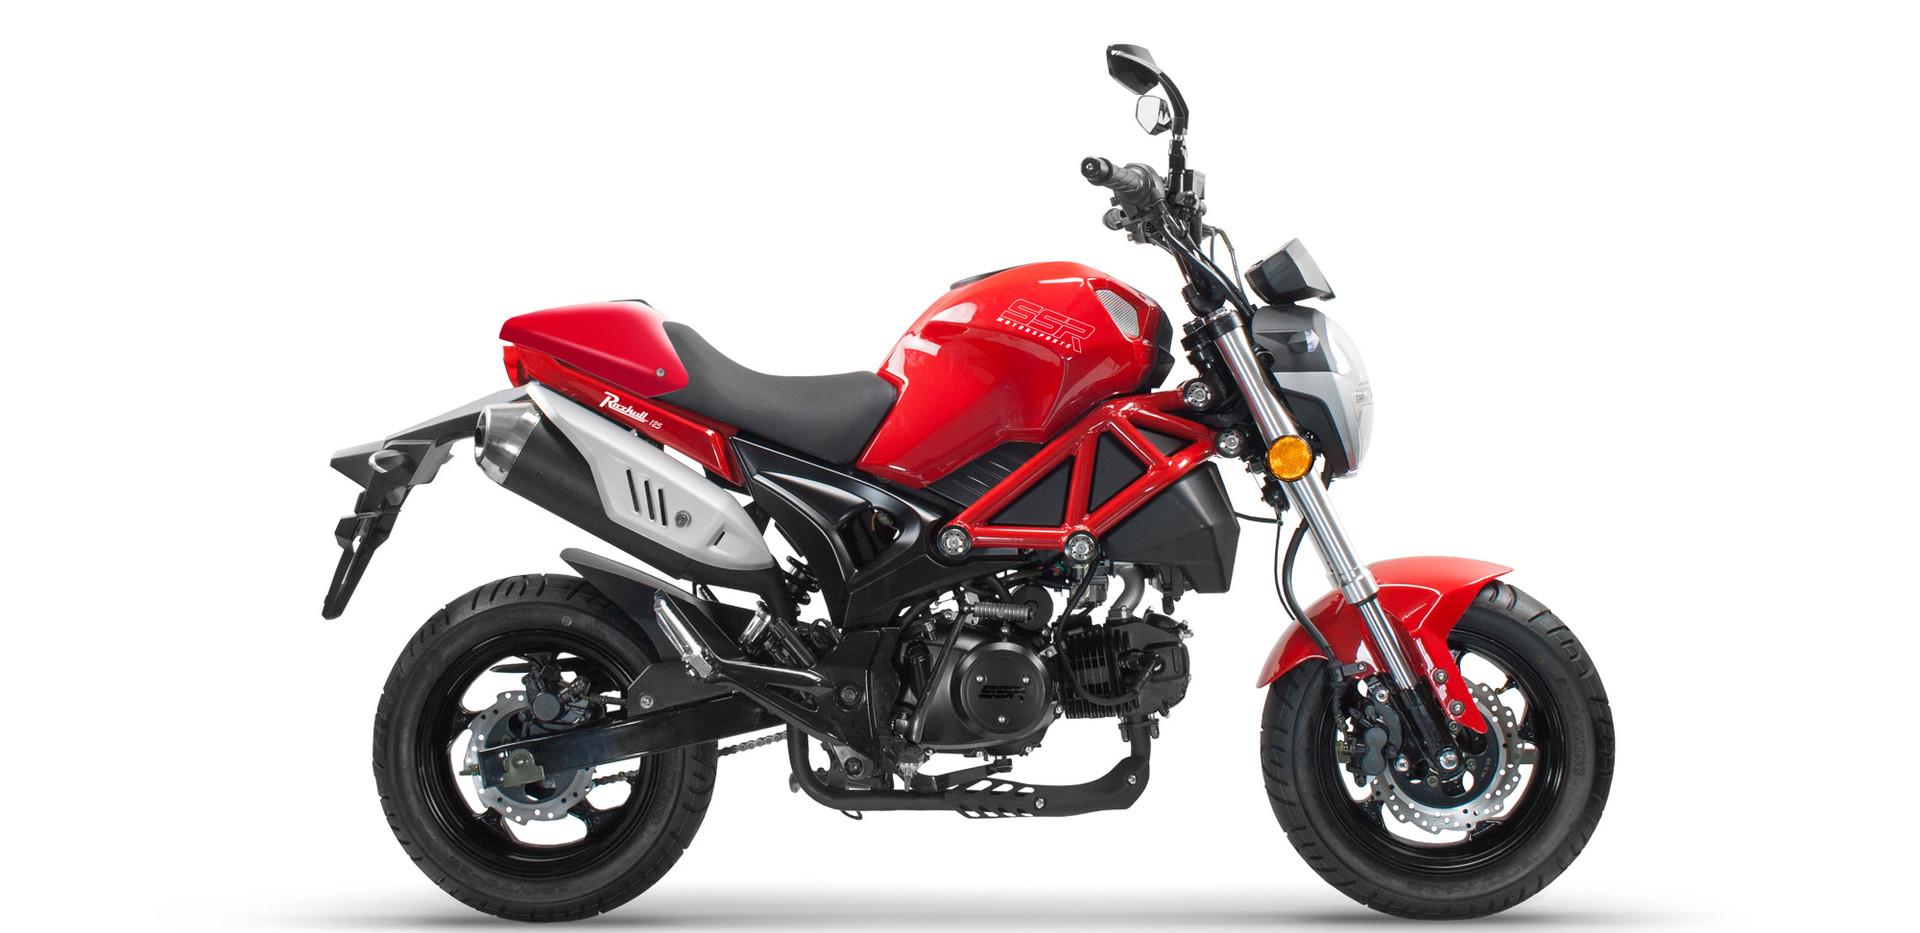 SSR Razkull Red MSRP $1999